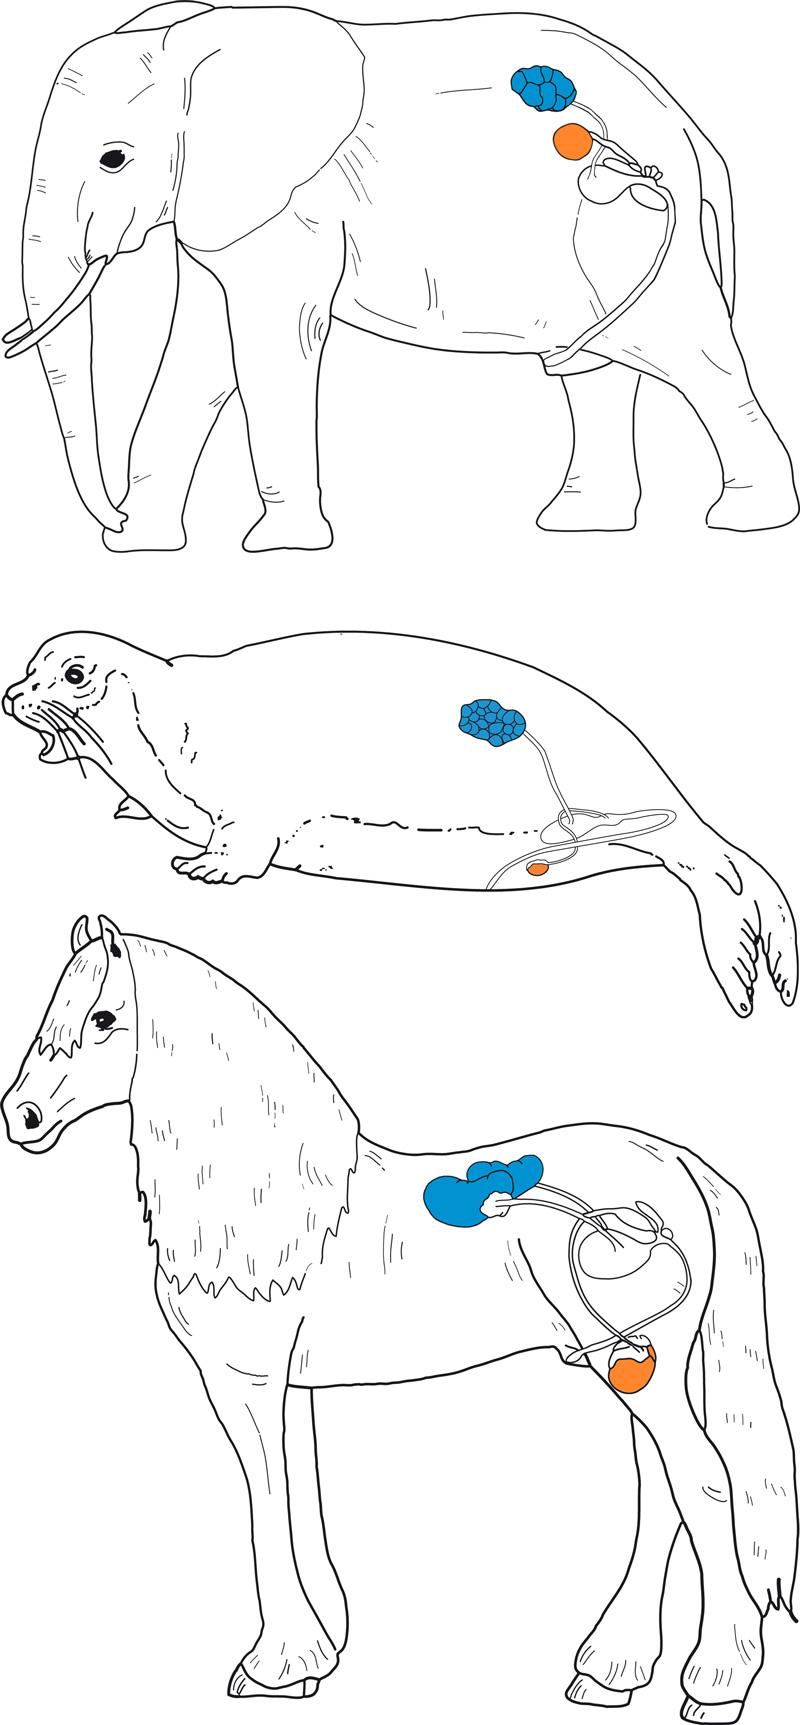 MPI-CBG: Die Evolution des Hodens